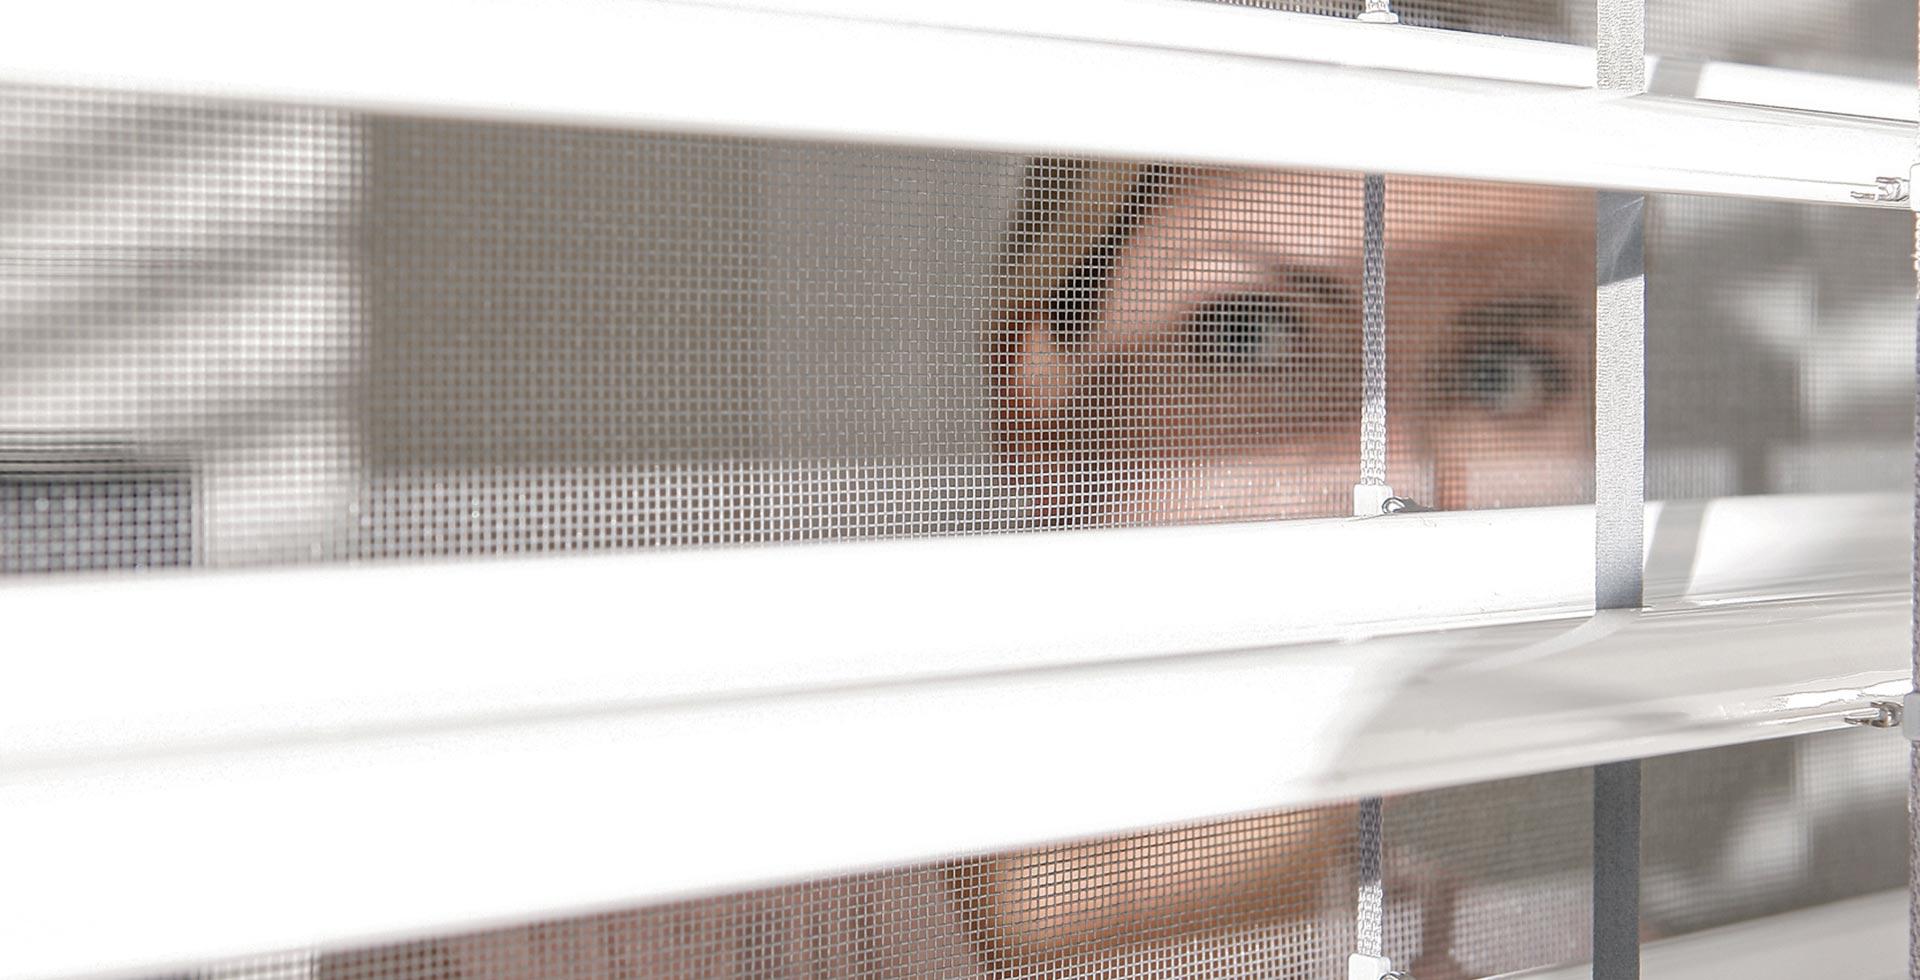 Full Size of Insektenschutz Fenster Ohne Bohren Sofa Lehne Rostock Dänische Putzen Reinigen Insektenschutzgitter Fliegengitter Maßanfertigung Anthrazit Schüko Wohnen Und Fenster Insektenschutz Fenster Ohne Bohren